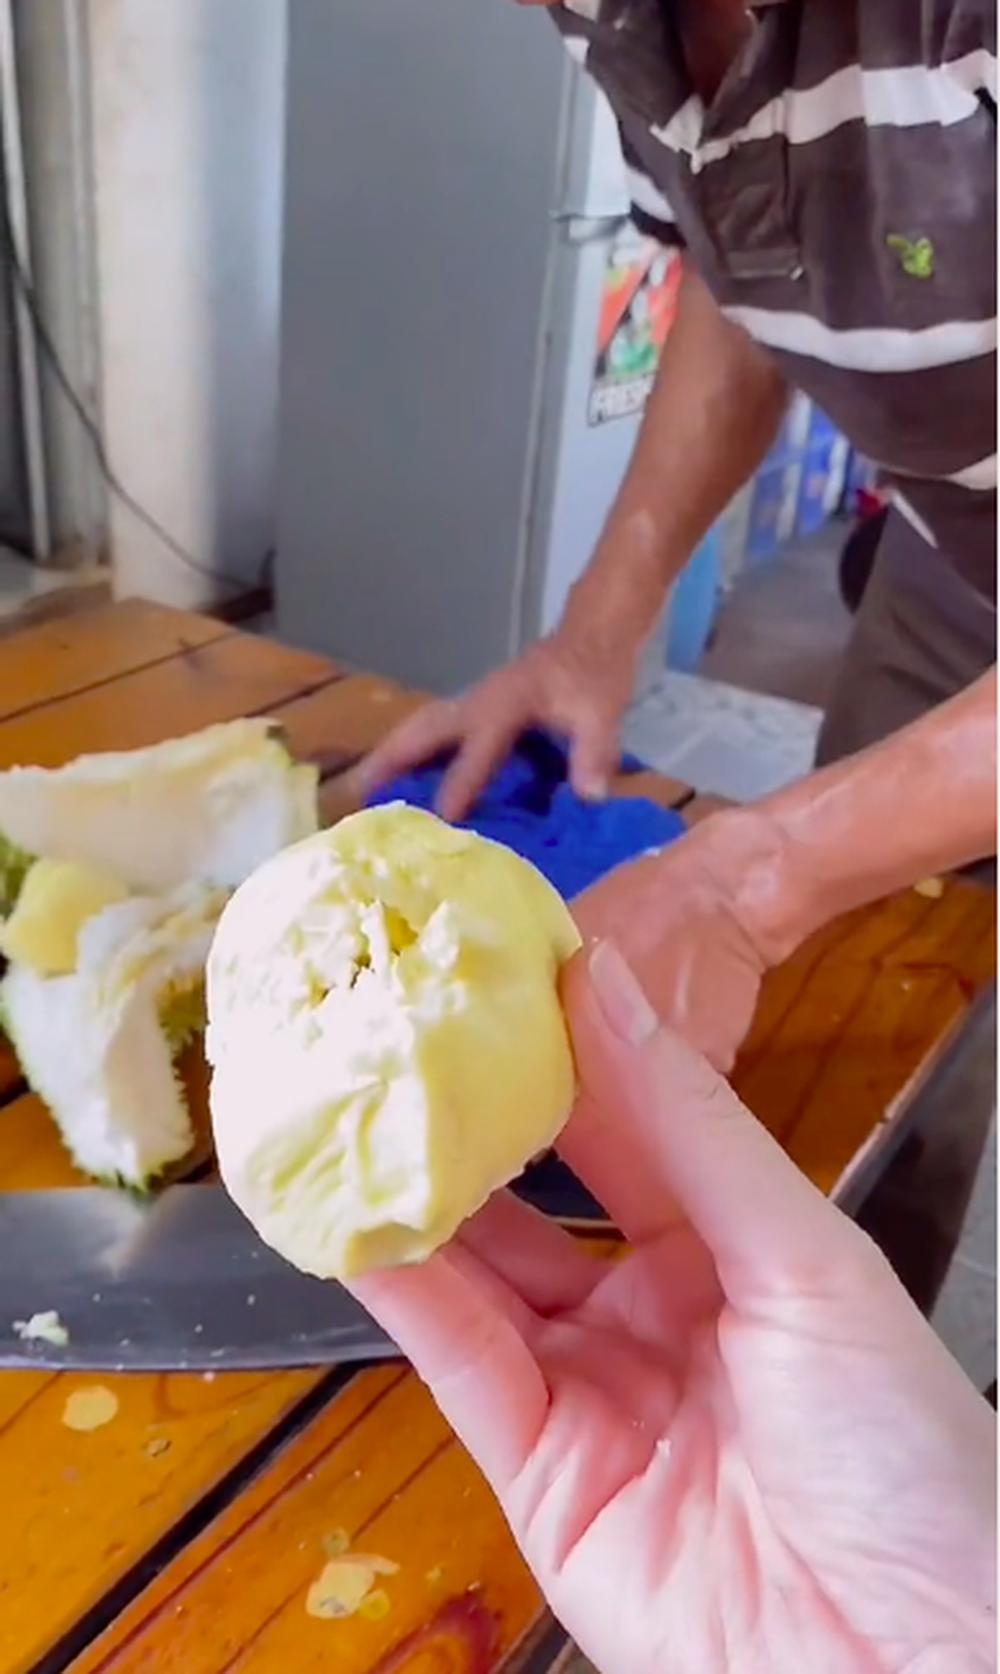 Trồng cây sầu riêng 5 năm mới cho ra quả, cô gái hí hửng mang vào nhà xẻ ra ăn và cái kết đầy kinh ngạc - ảnh 6